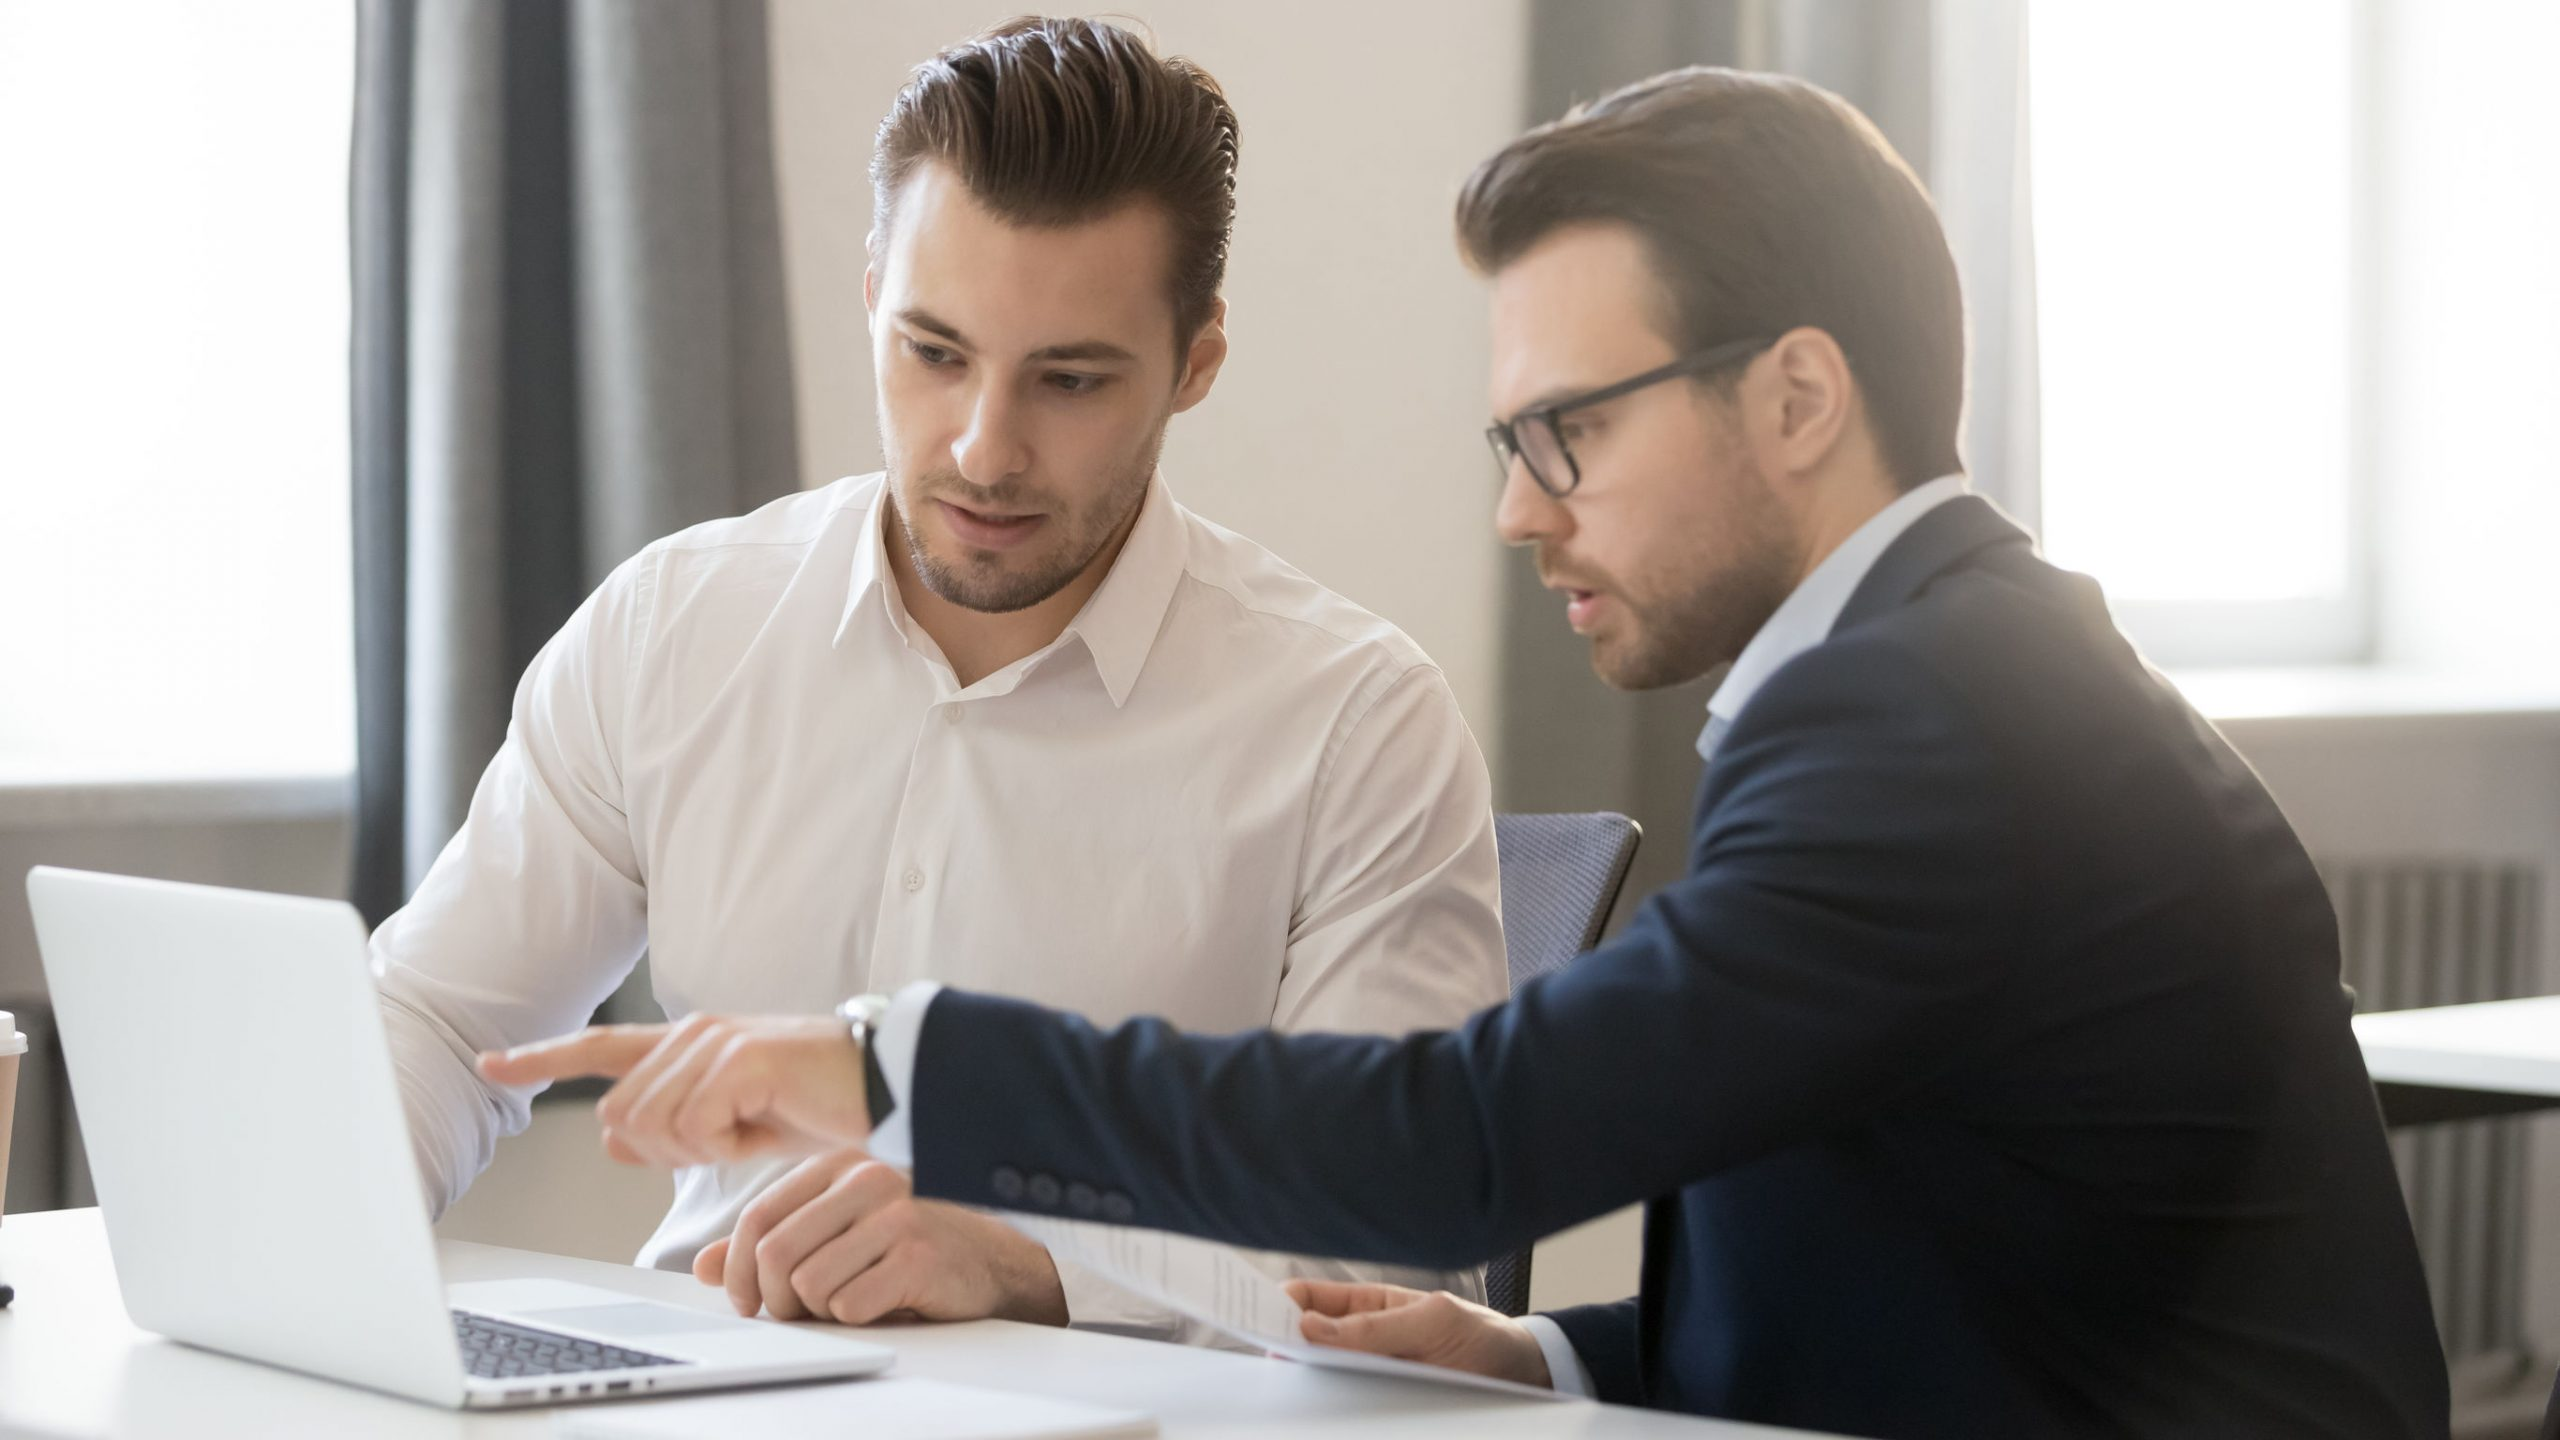 Dois homens na foto, um deles apontando para o computador e o outro olhando atentamente